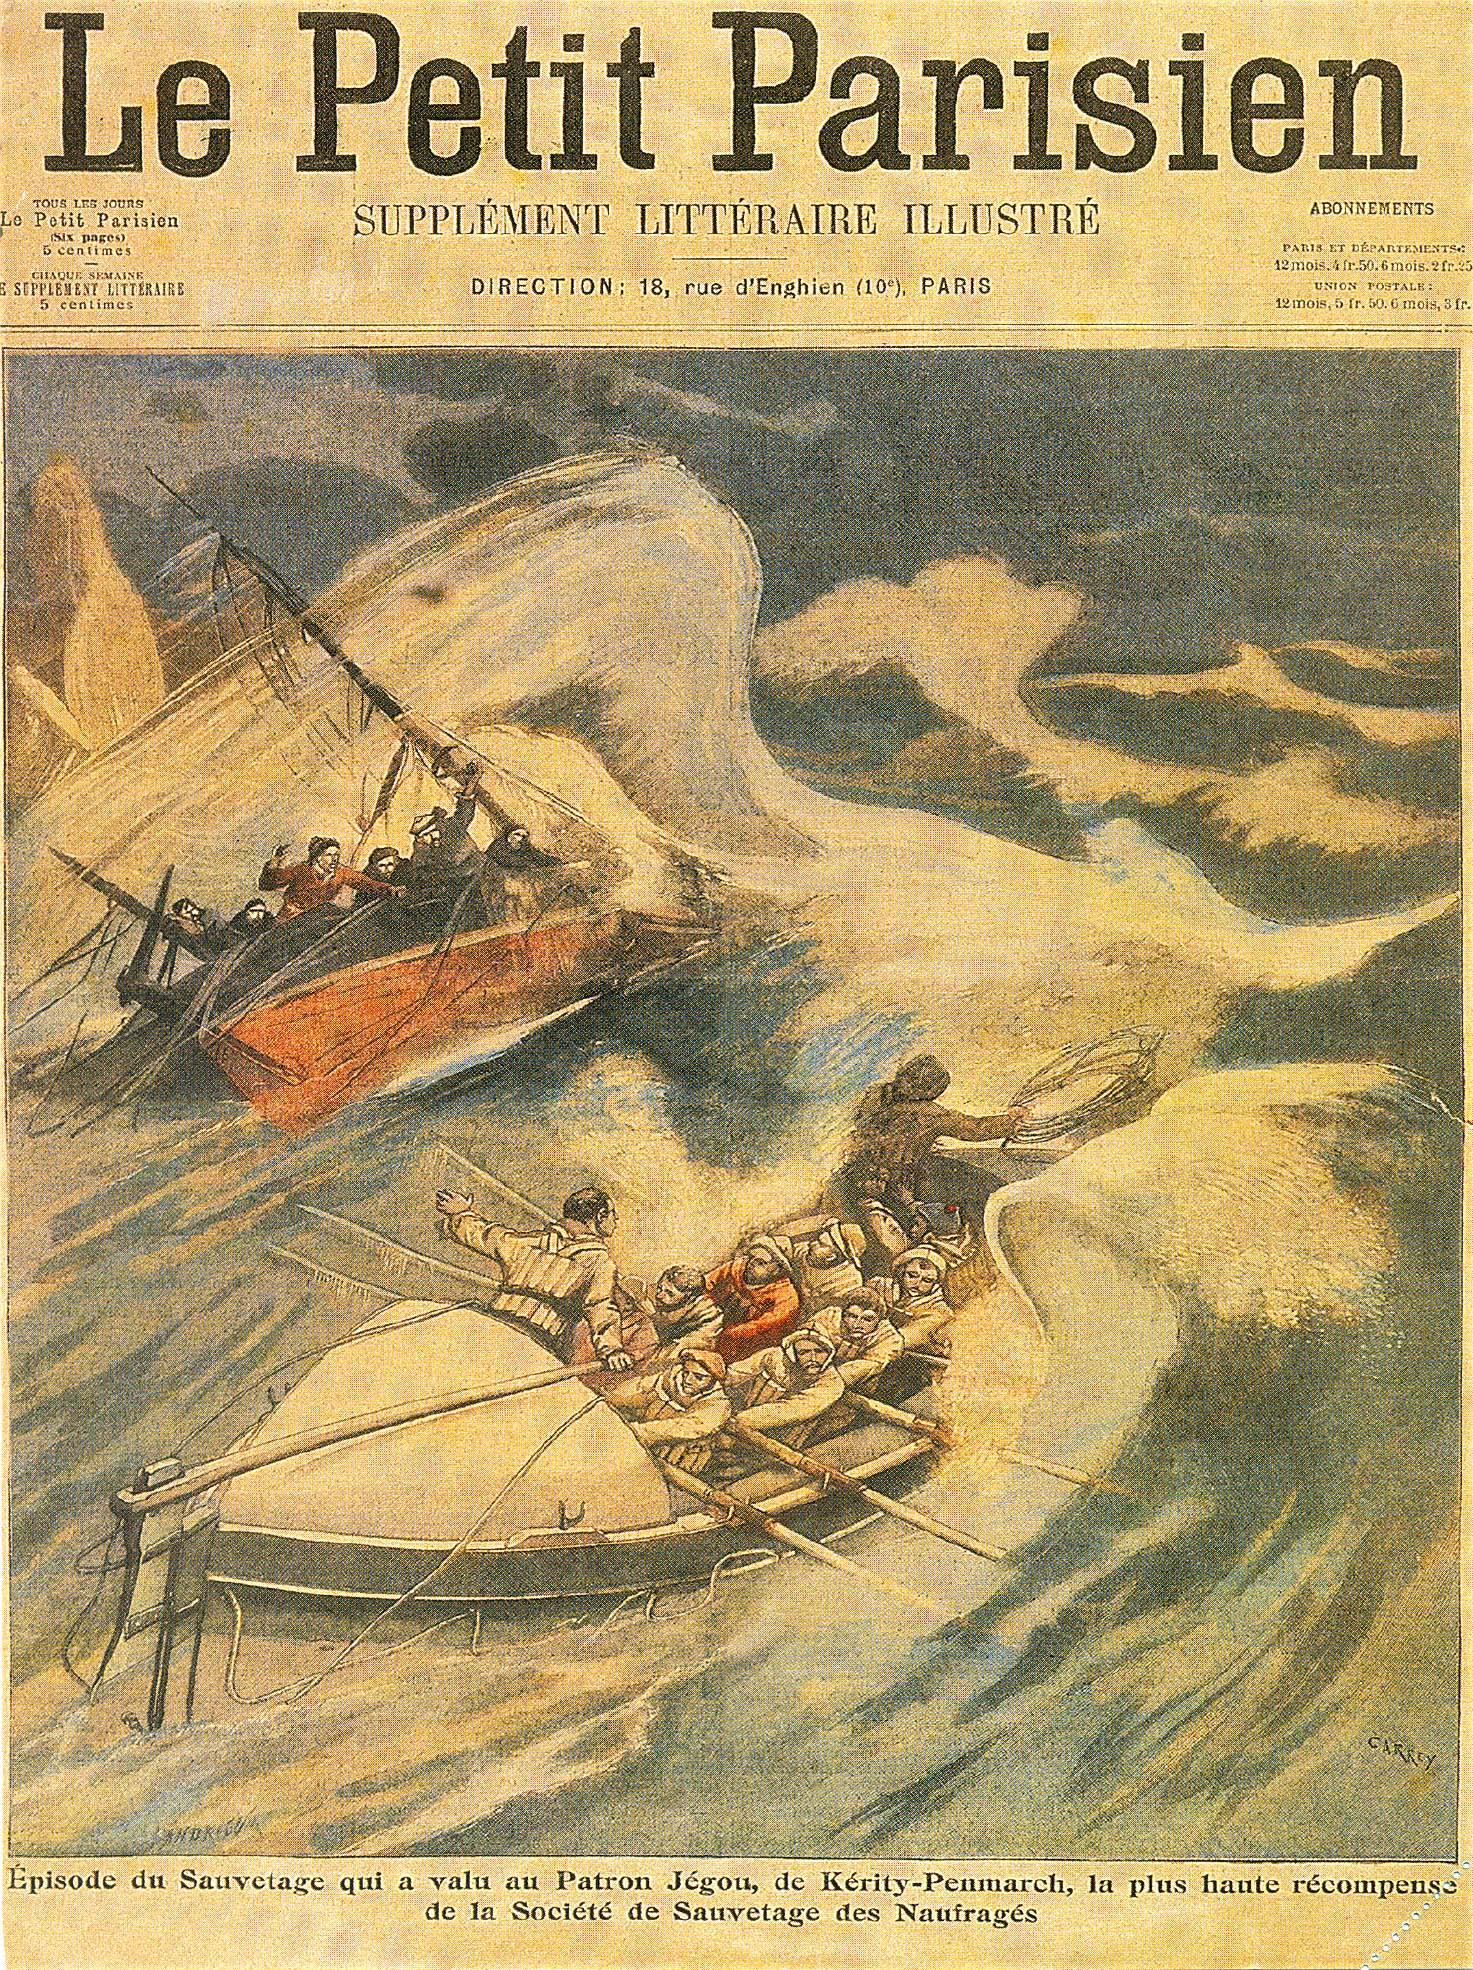 Le Petit Parisien du 21 mai 1905 - Sauvetage avec un canot à rames (station de Kérity). Coll. SNSM